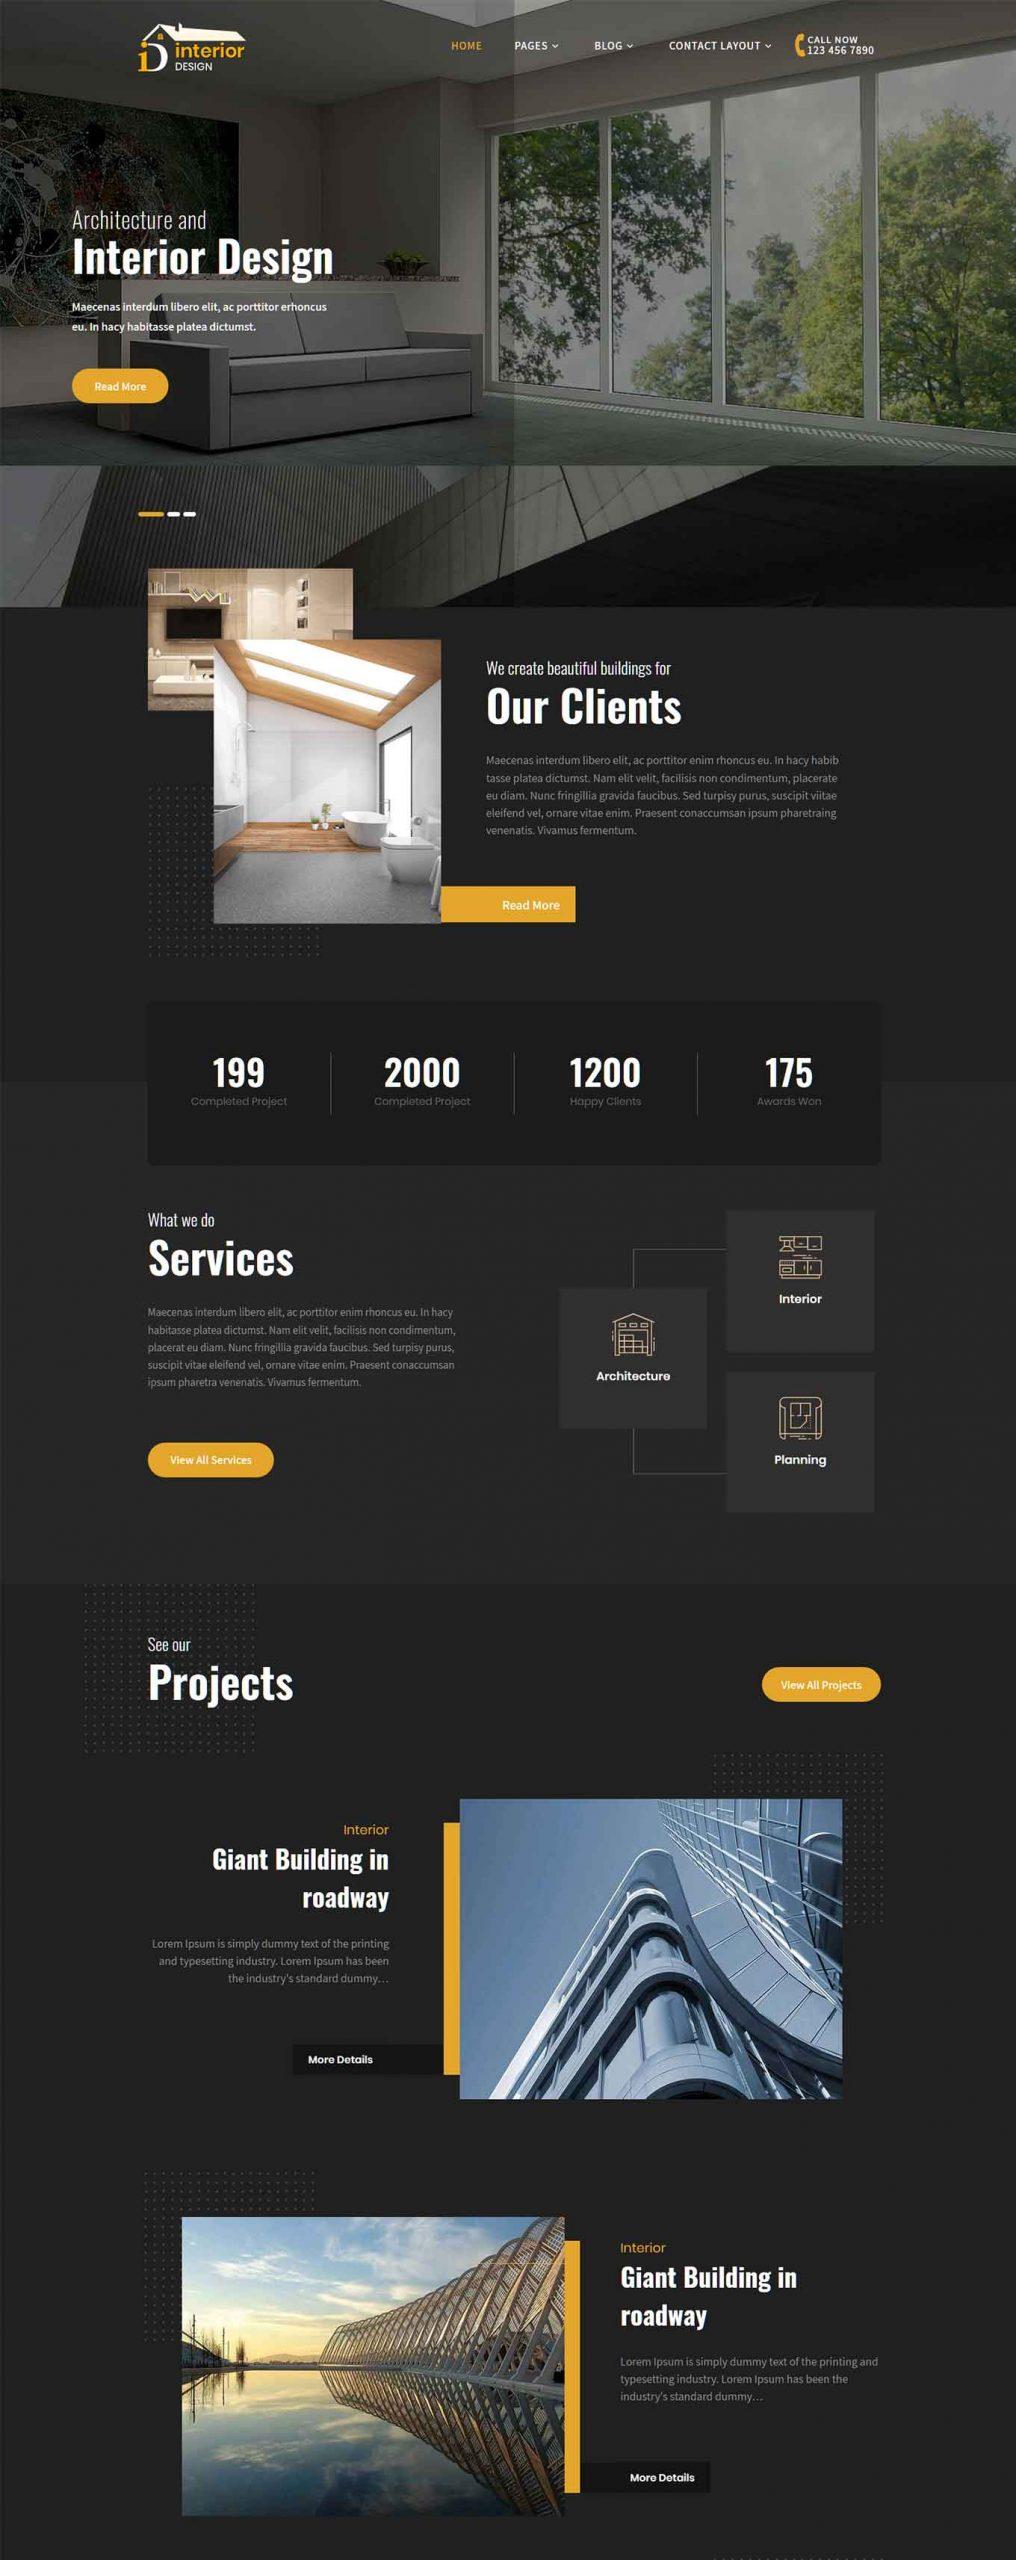 50 Best Interior Design Wordpress Themes 2020 Free Premium Theme Junkie,Craftsman Home Designs